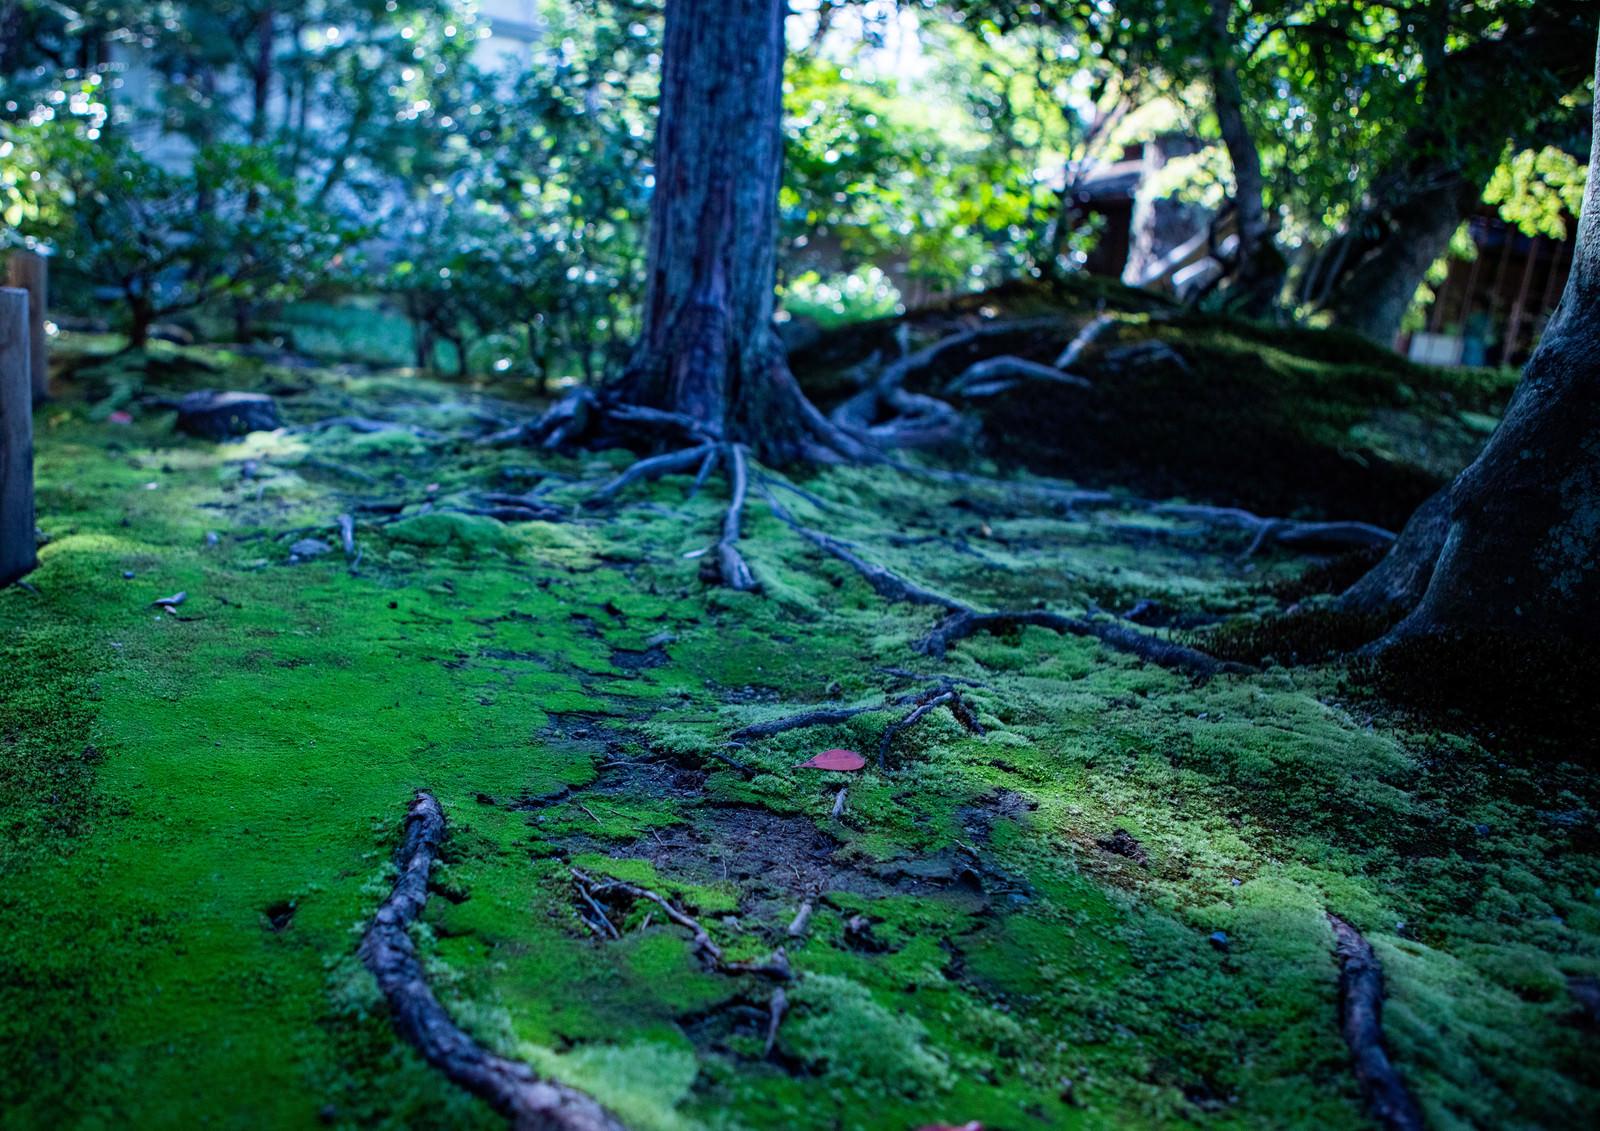 「苔生す庭園に張りめぐる木の根」の写真